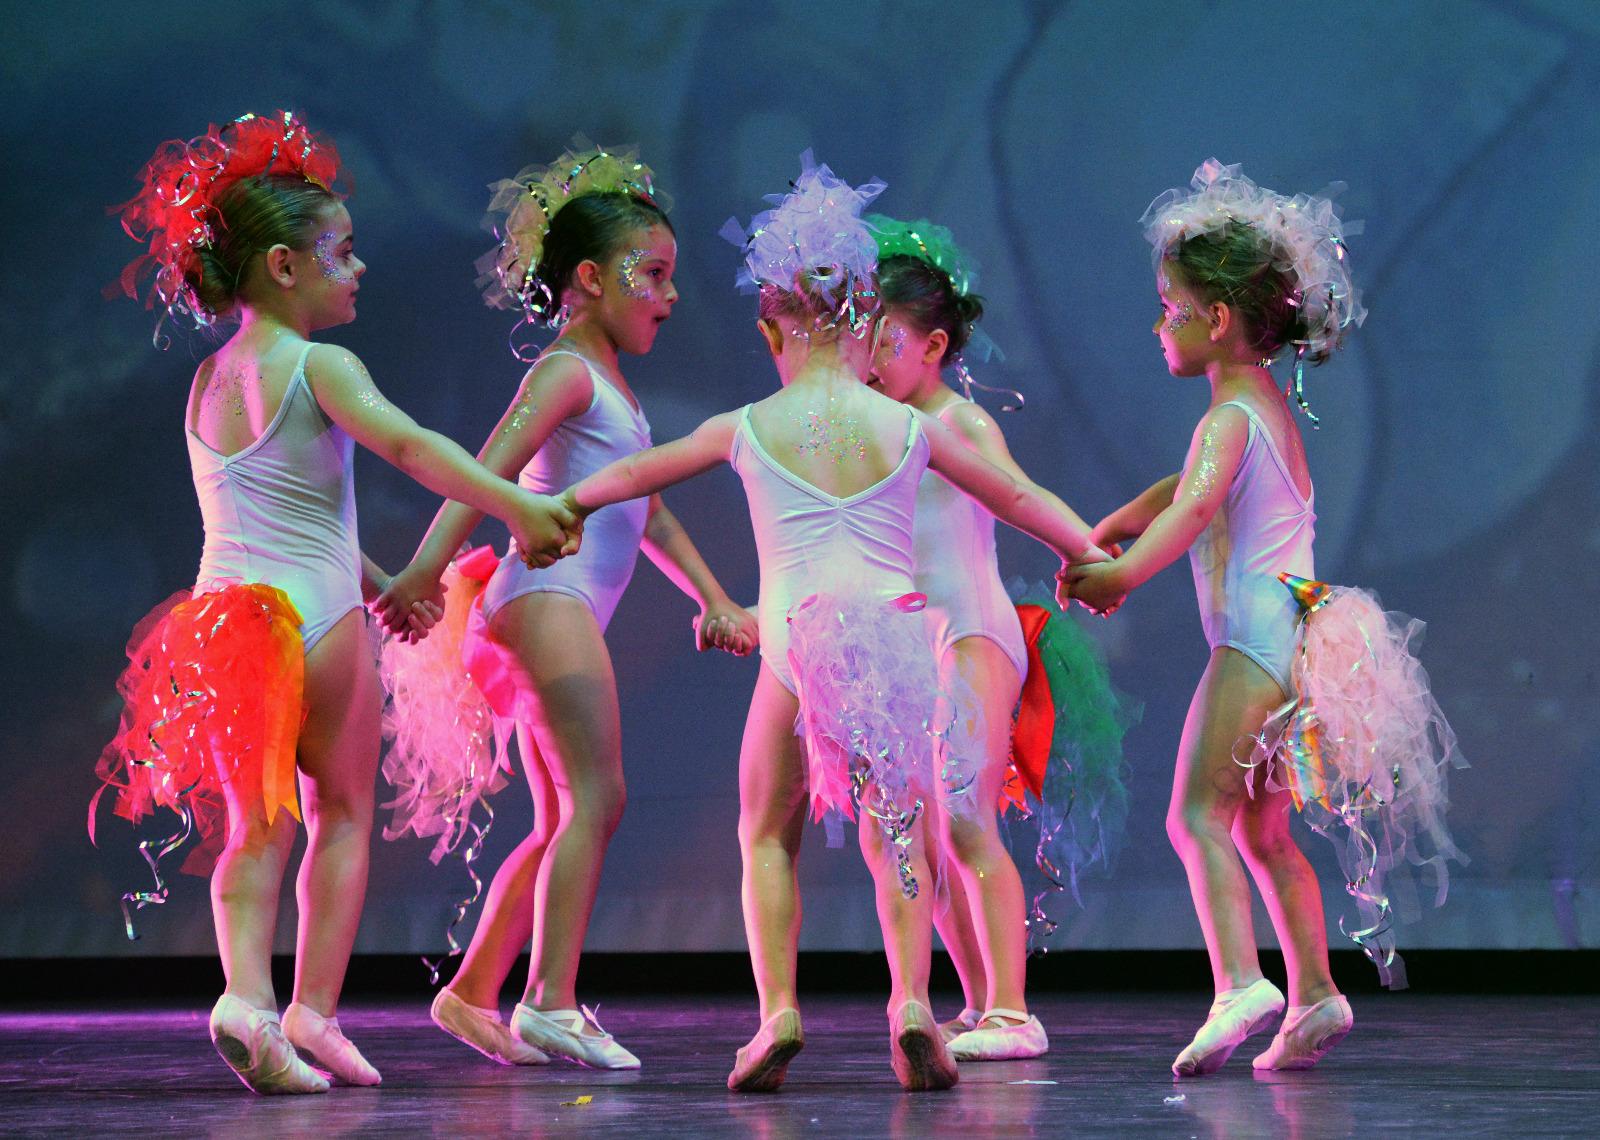 Gioco danza, danza propedeutica, danza per bambini